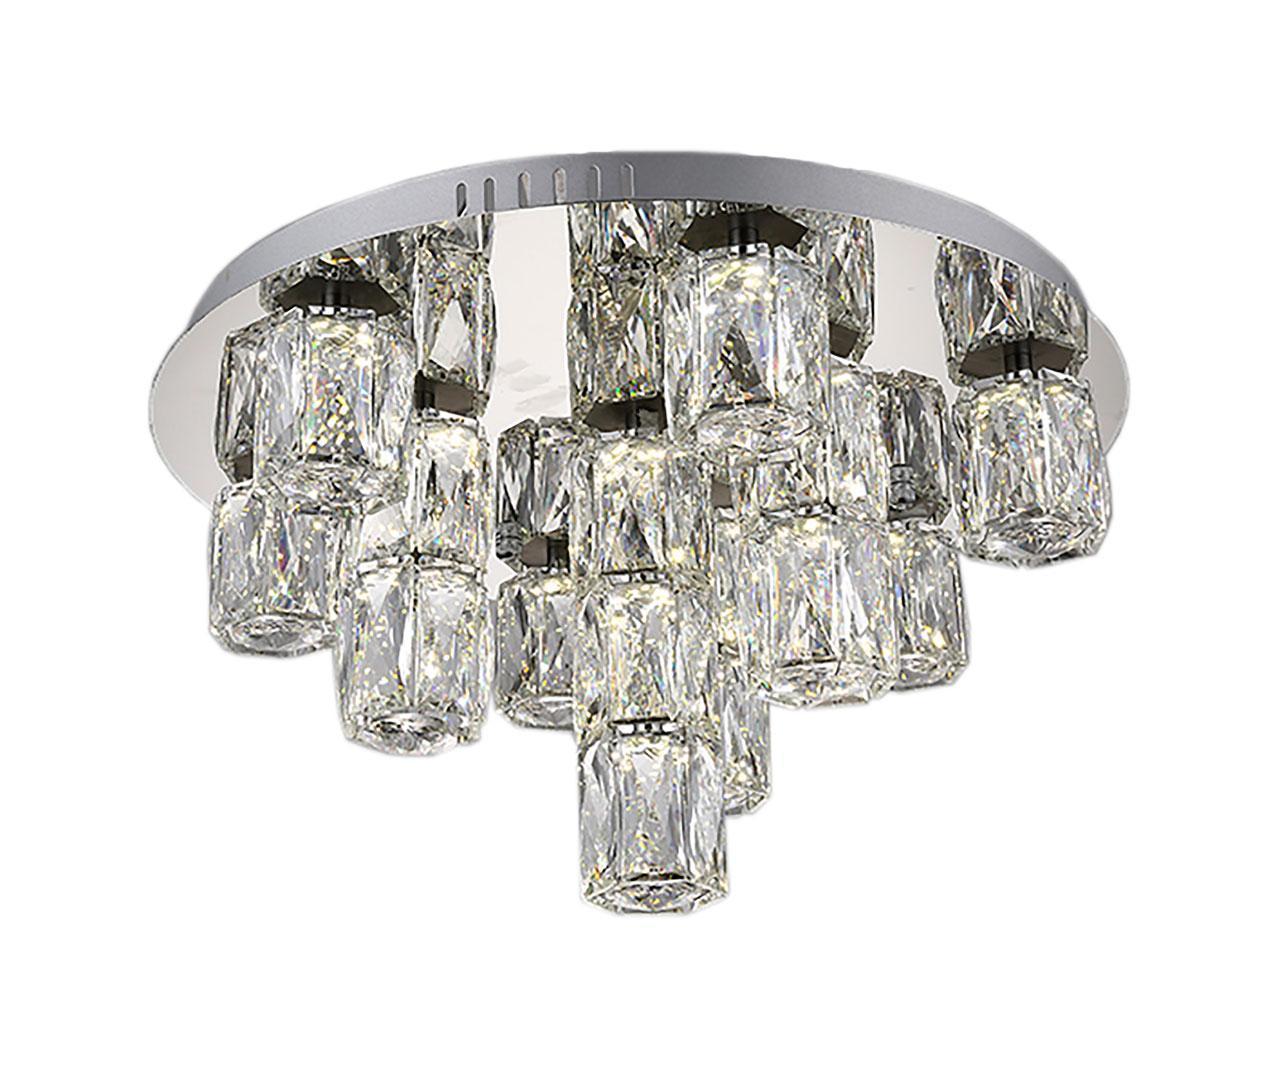 Потолочная светодиодная люстра Kink Light Аква-Кристалл 08620-10 kink light бра kink light аква кристалл 08620